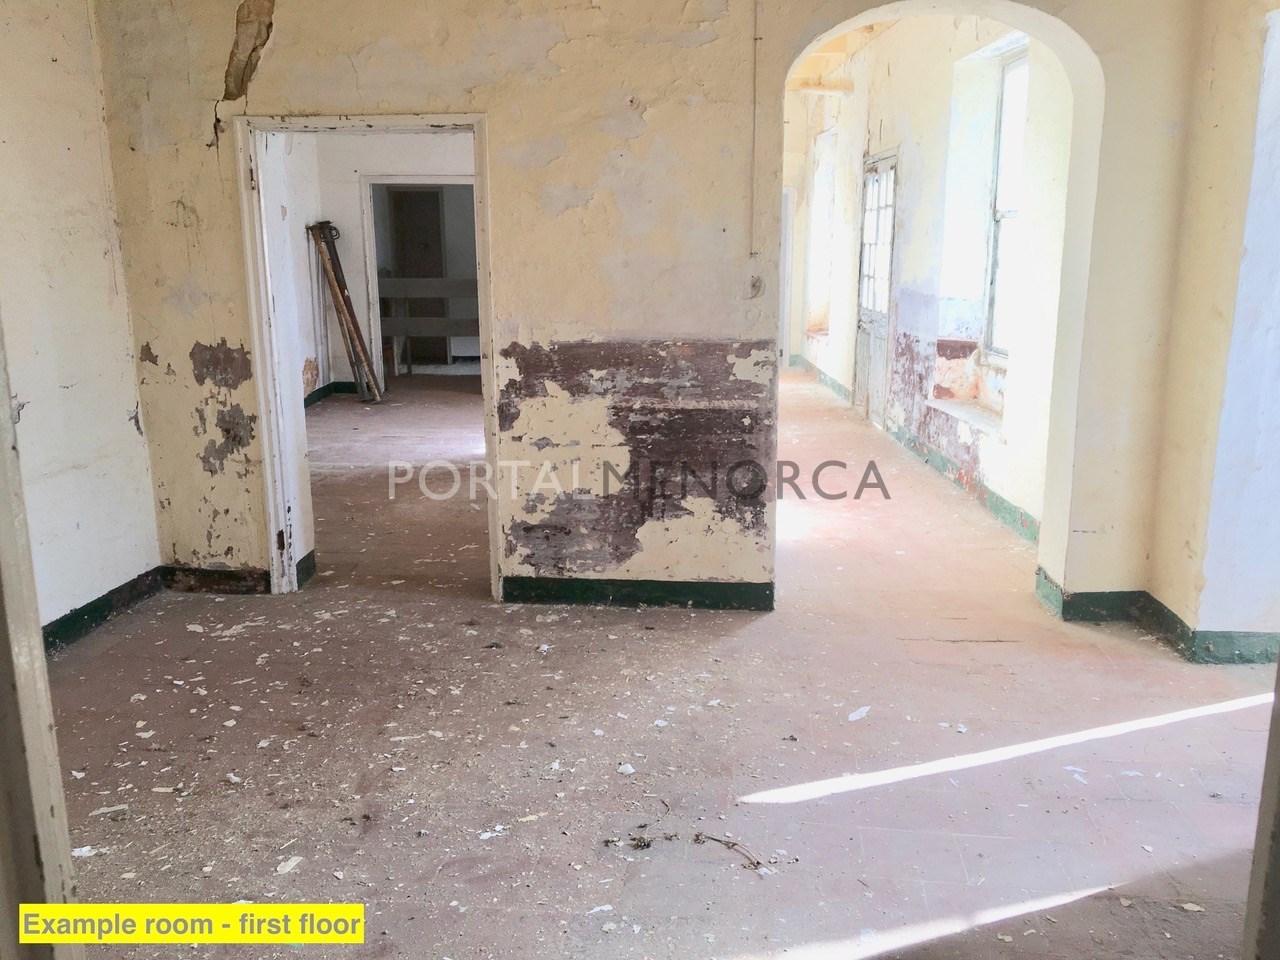 First floor interior 1